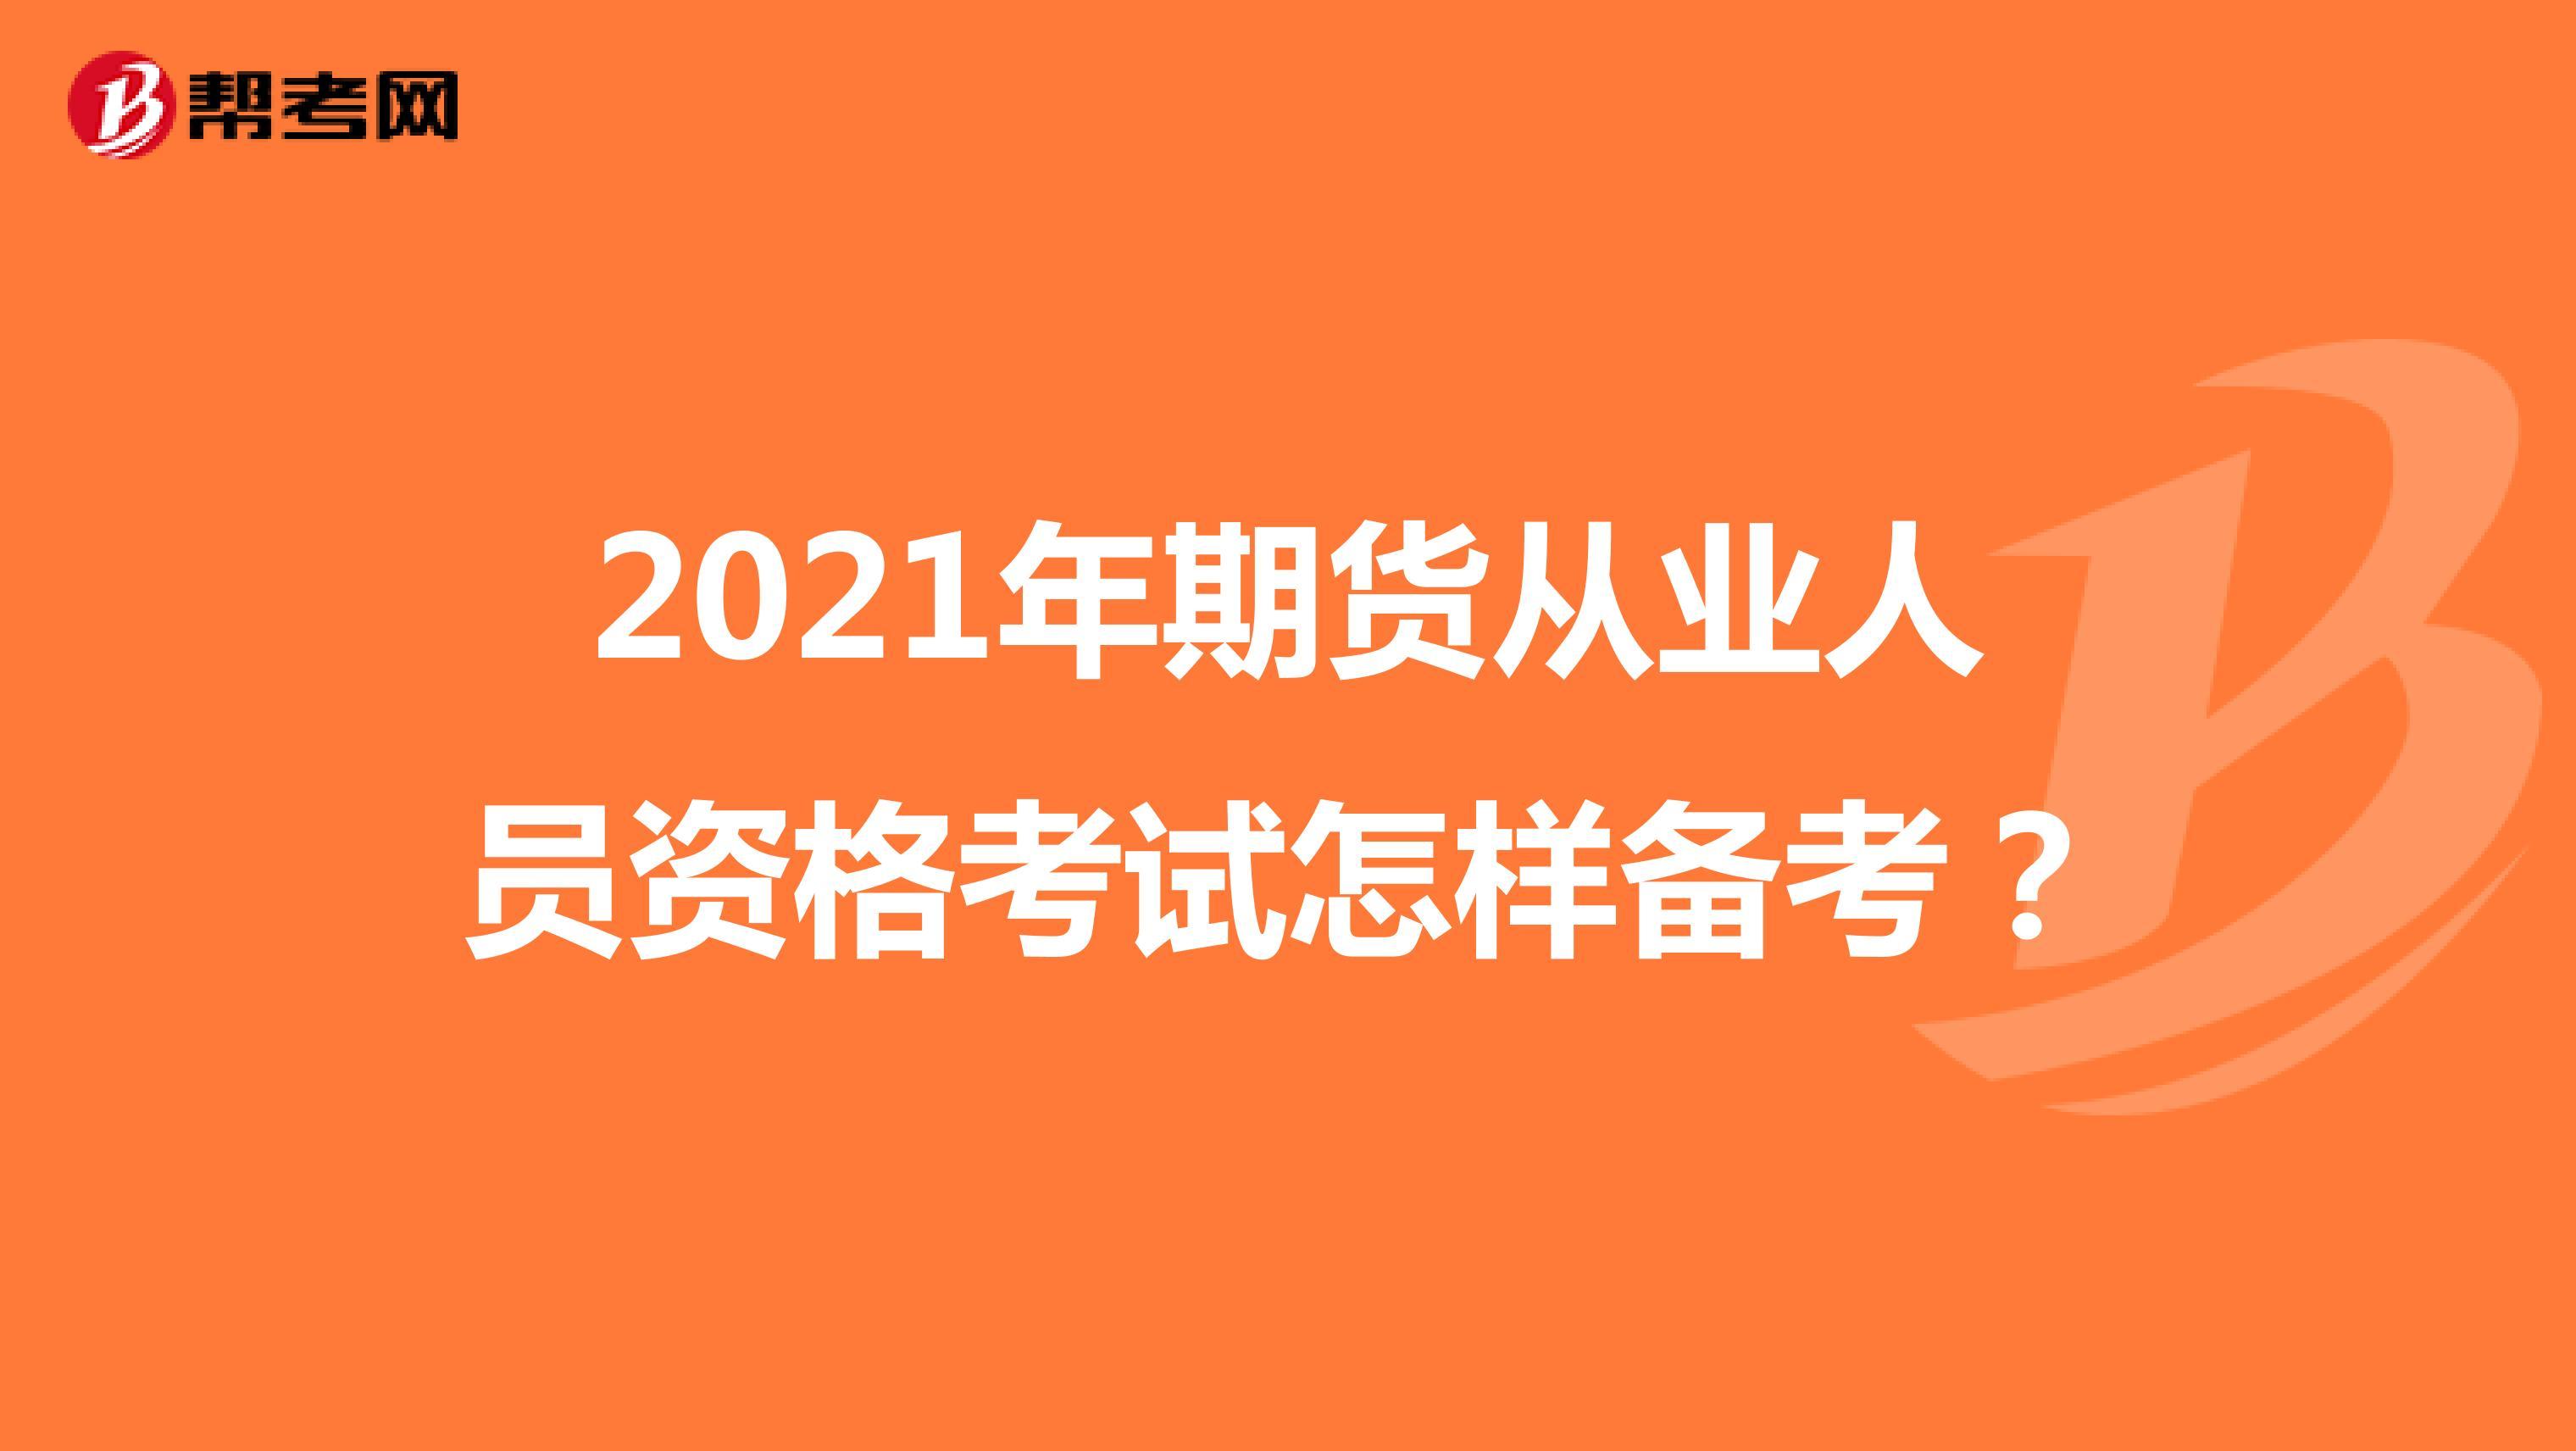 2021年期貨從業人員資格考試怎樣備考?